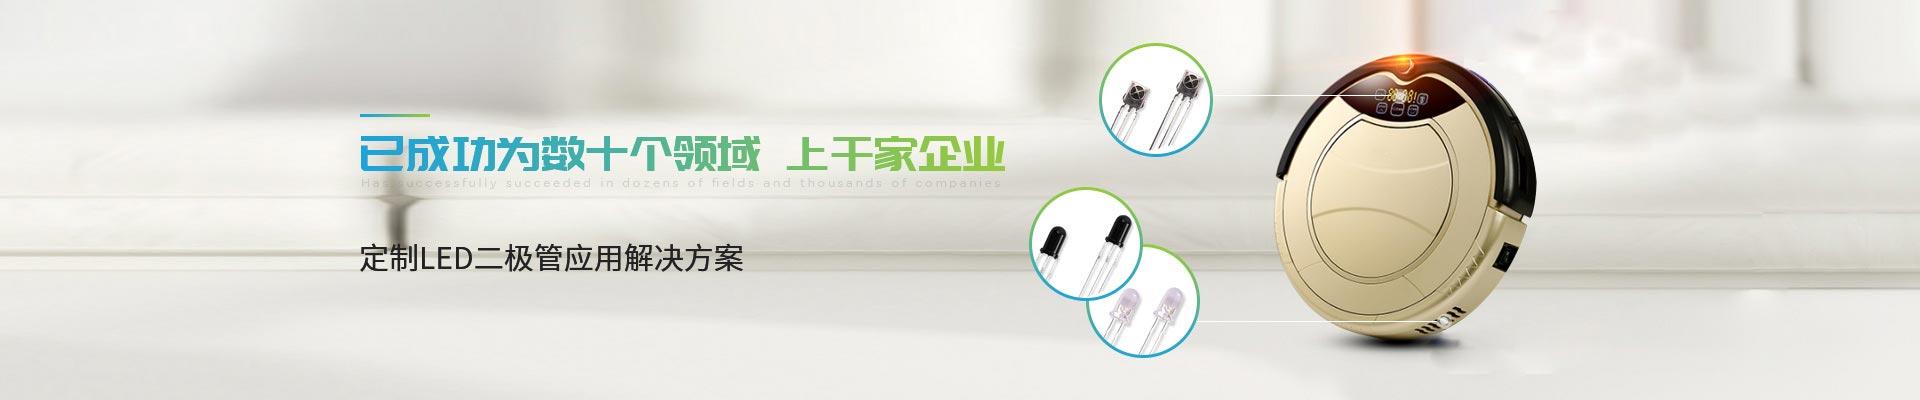 东颖光电-定制LED二极管应用解决方案